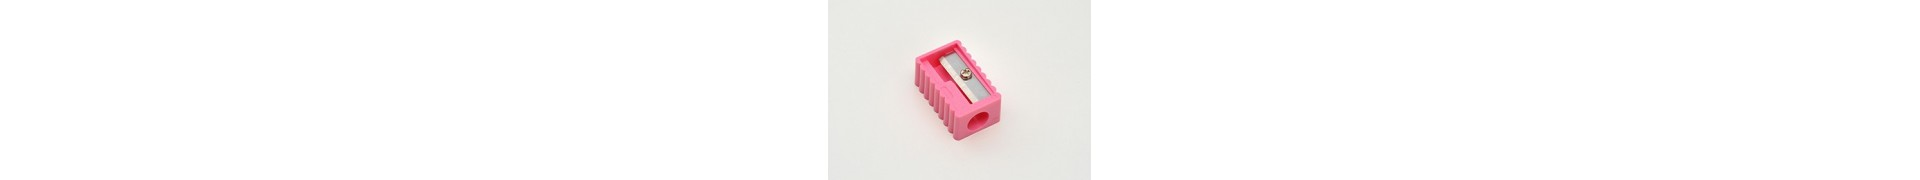 Taille-crayon NJK 508 - Transparent (Simple) Petit modèle